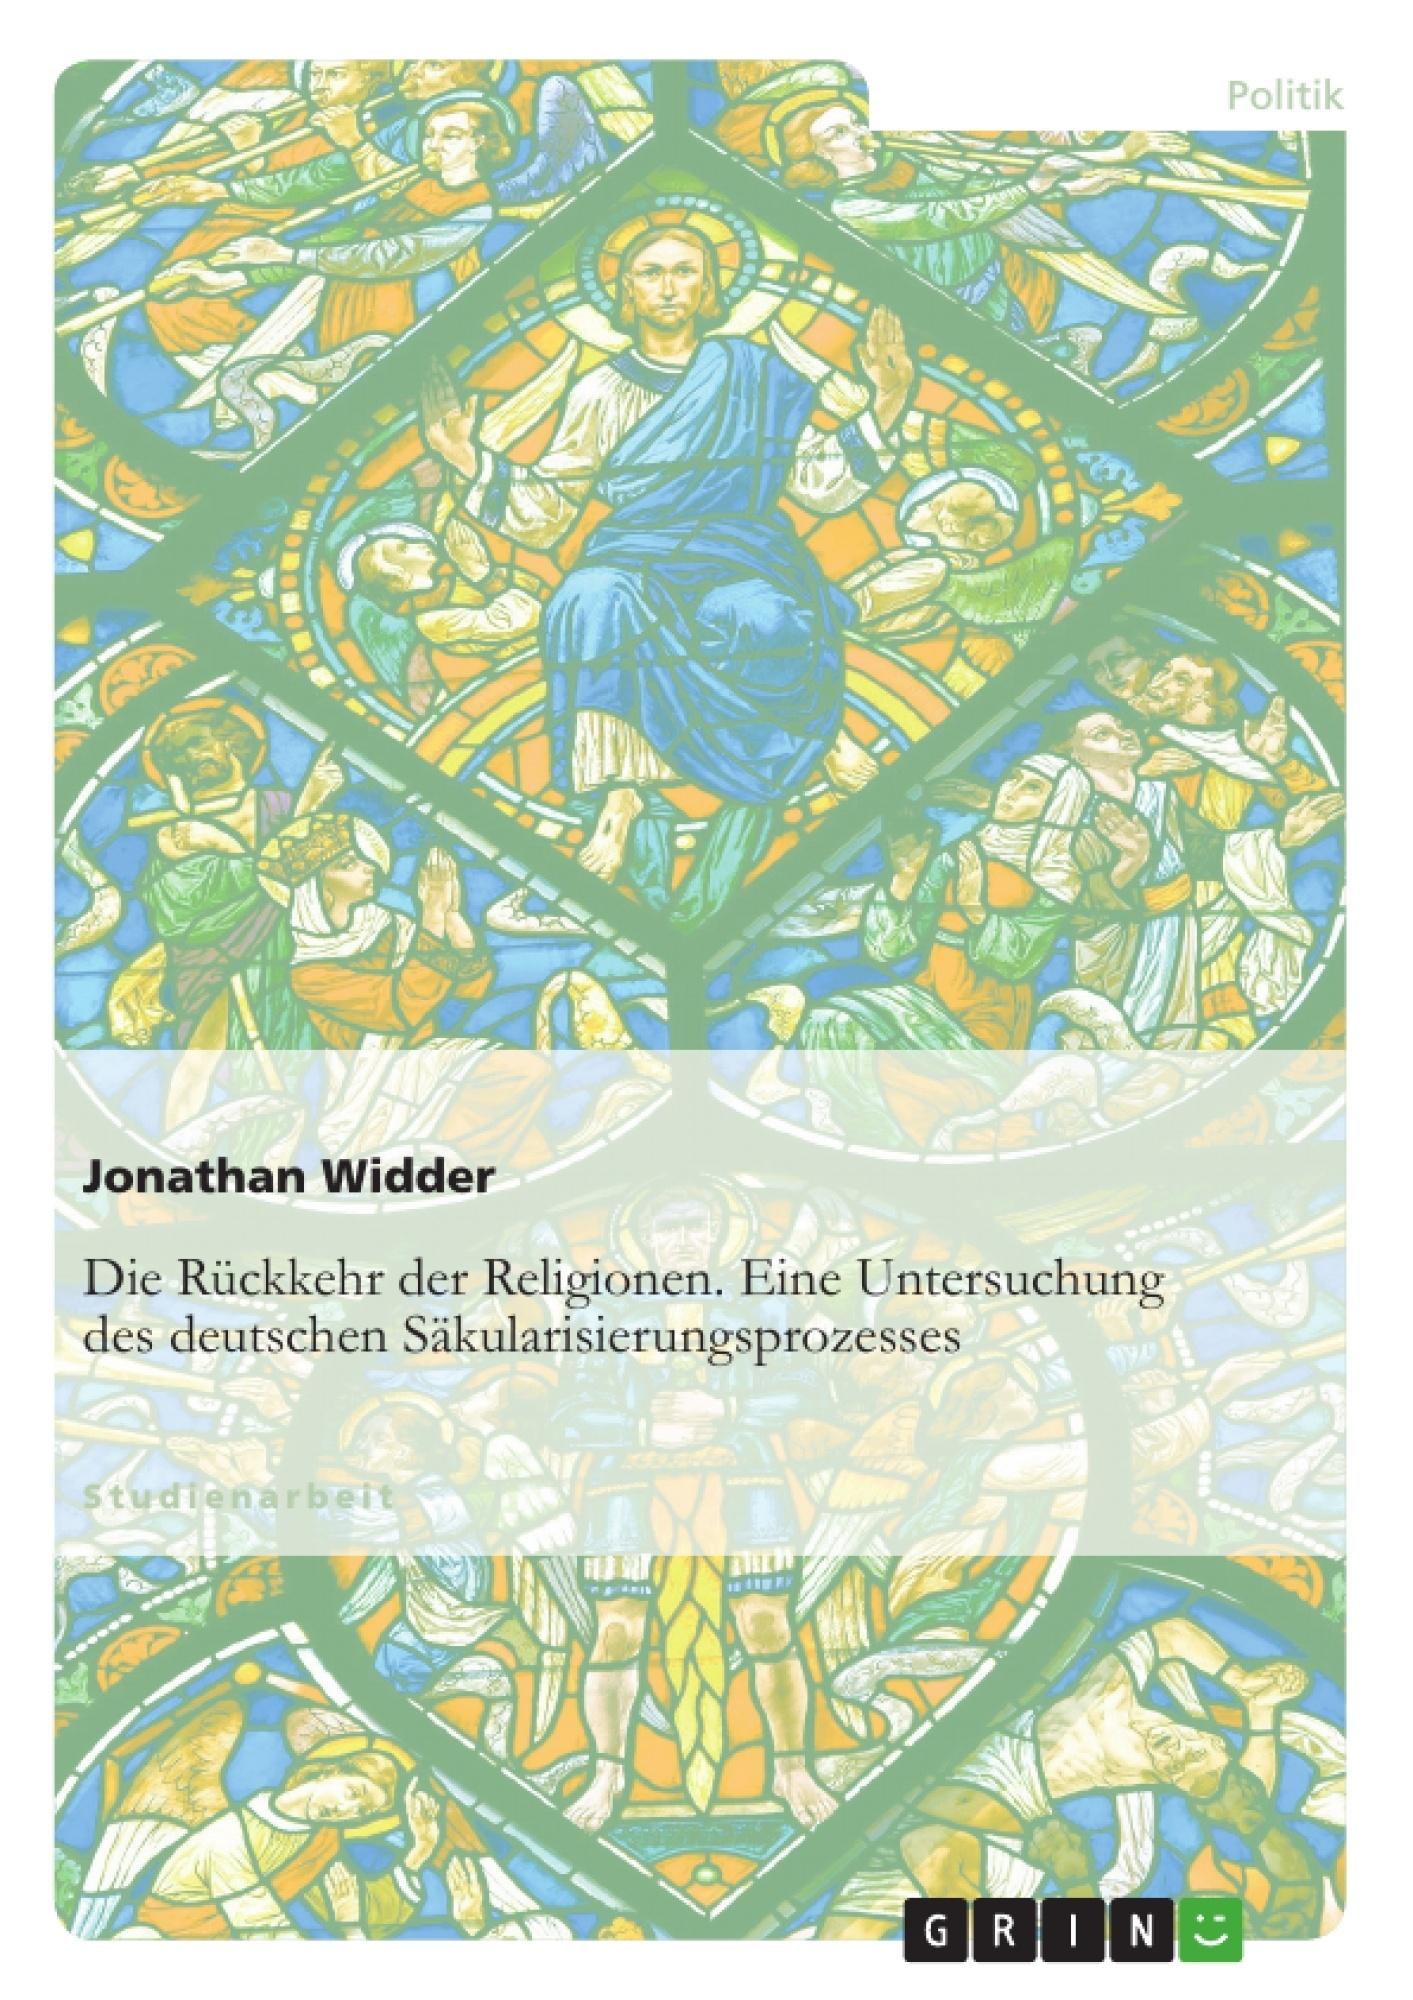 Titel: Die Rückkehr der Religionen. Eine Untersuchung des deutschen Säkularisierungsprozesses